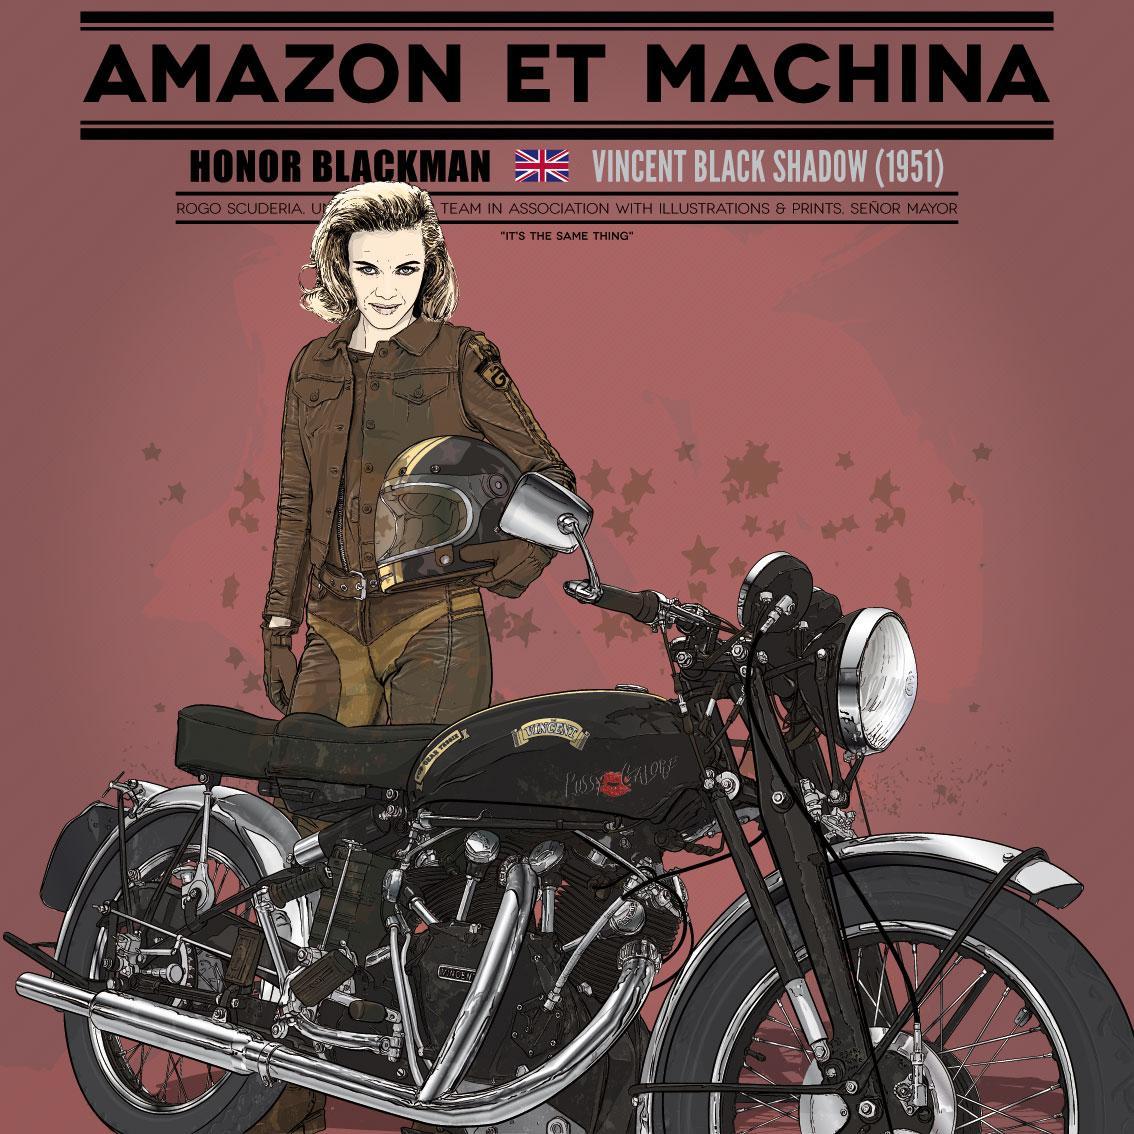 Honor y su Vincent Black Shadow. Amazon et machina